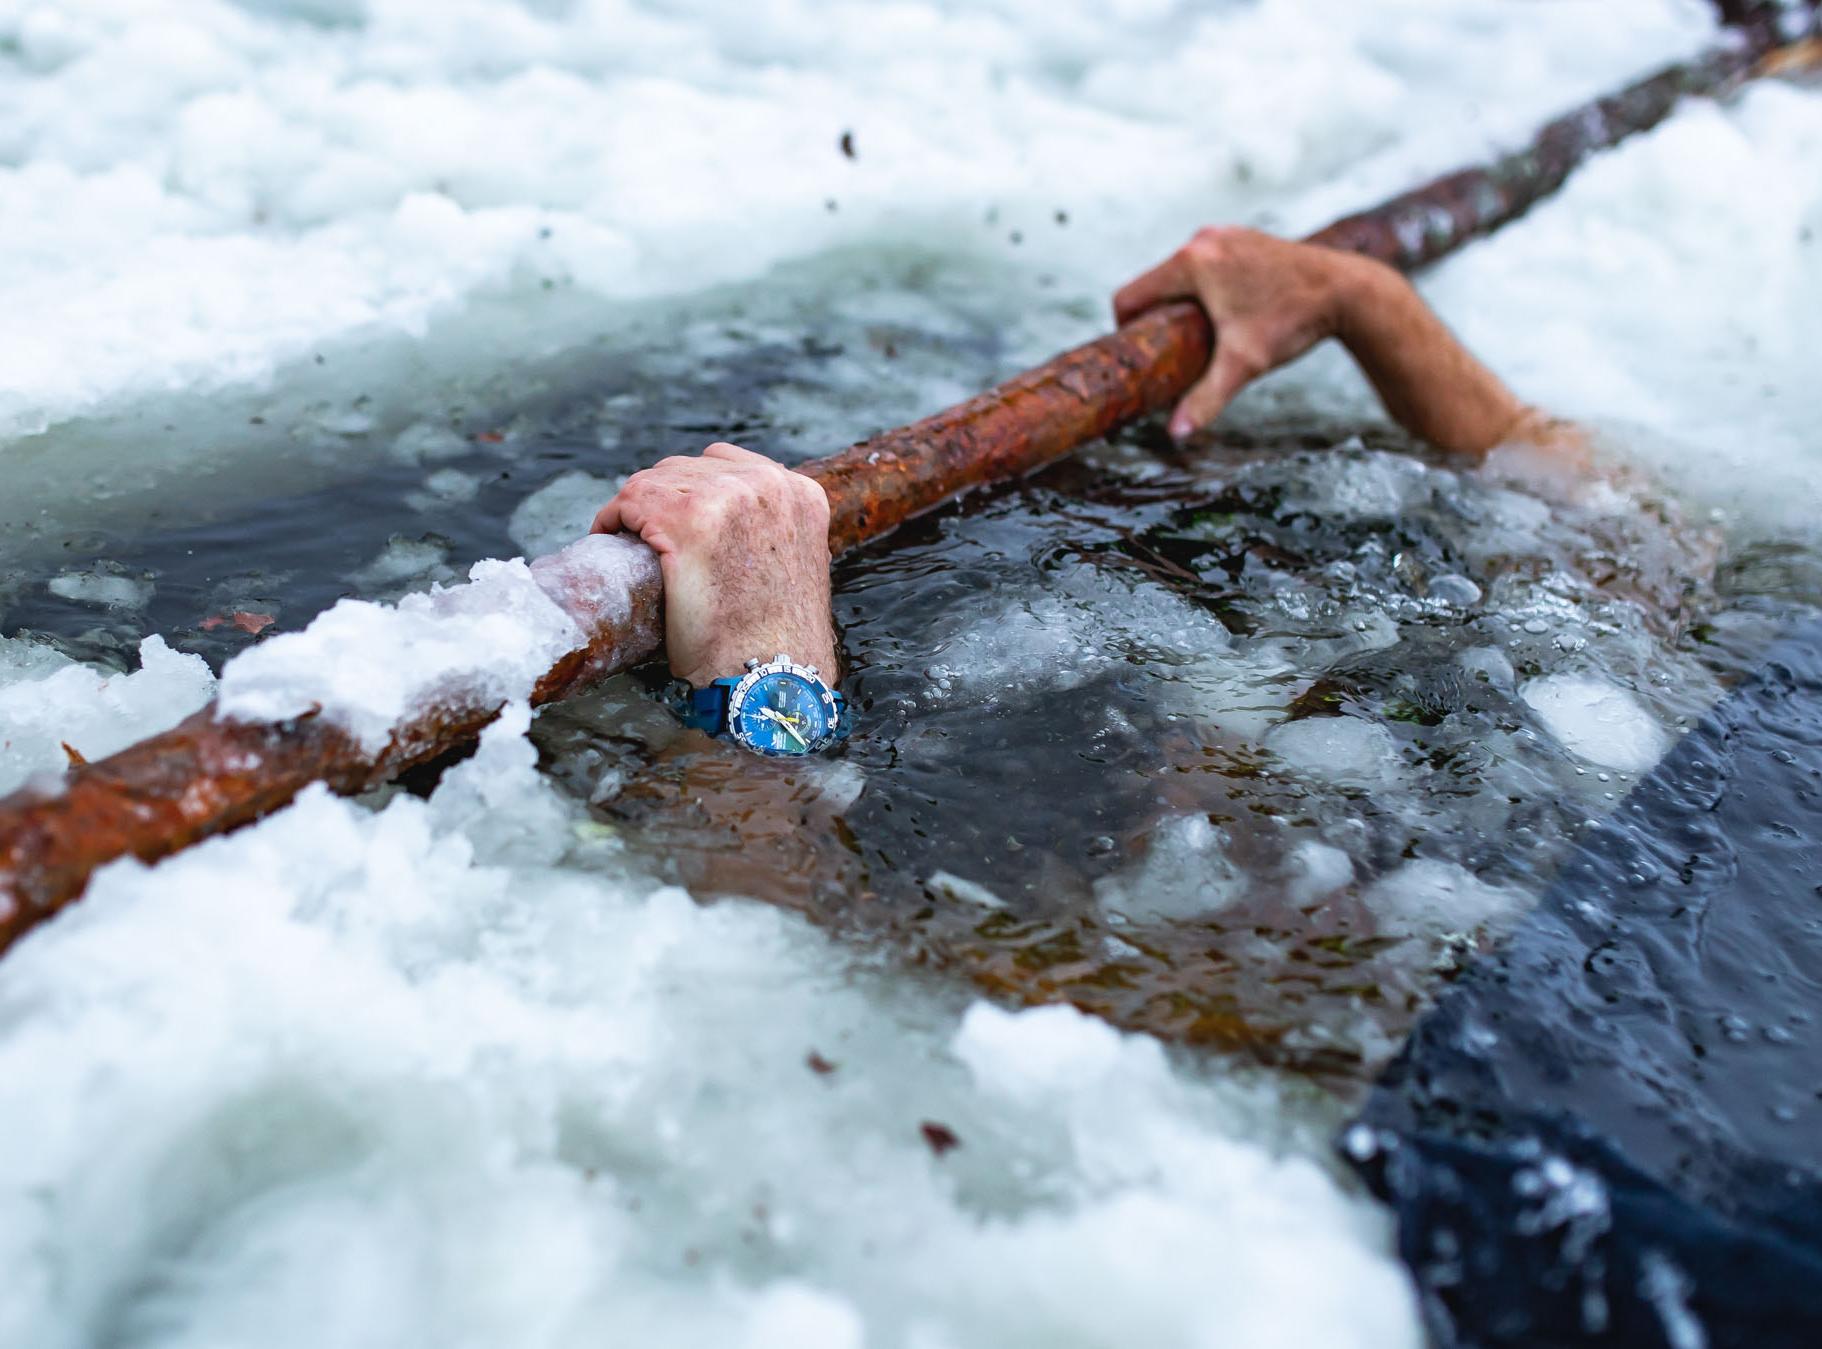 Snaší nabídkou vodotěsných hodinek se nebudete bát potopit